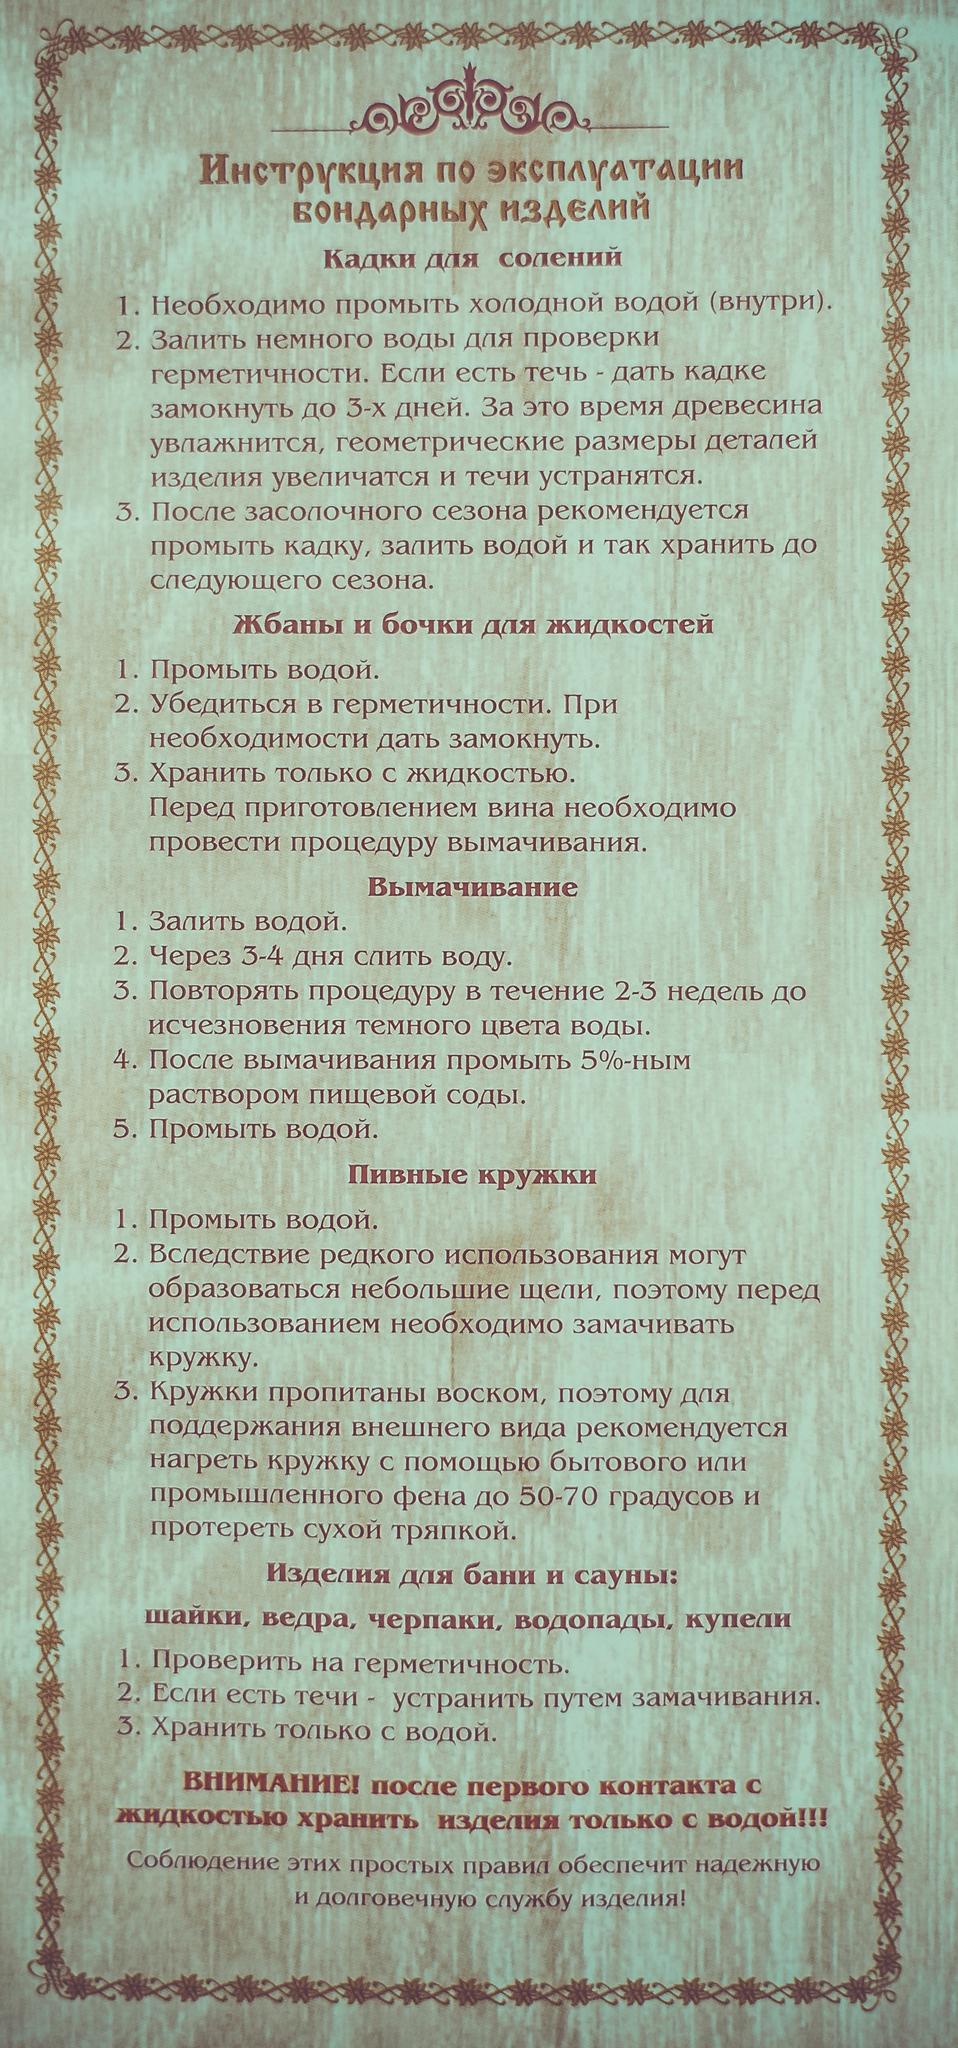 купить Кружка дубовая, 0,5л по цене 1790 рублей